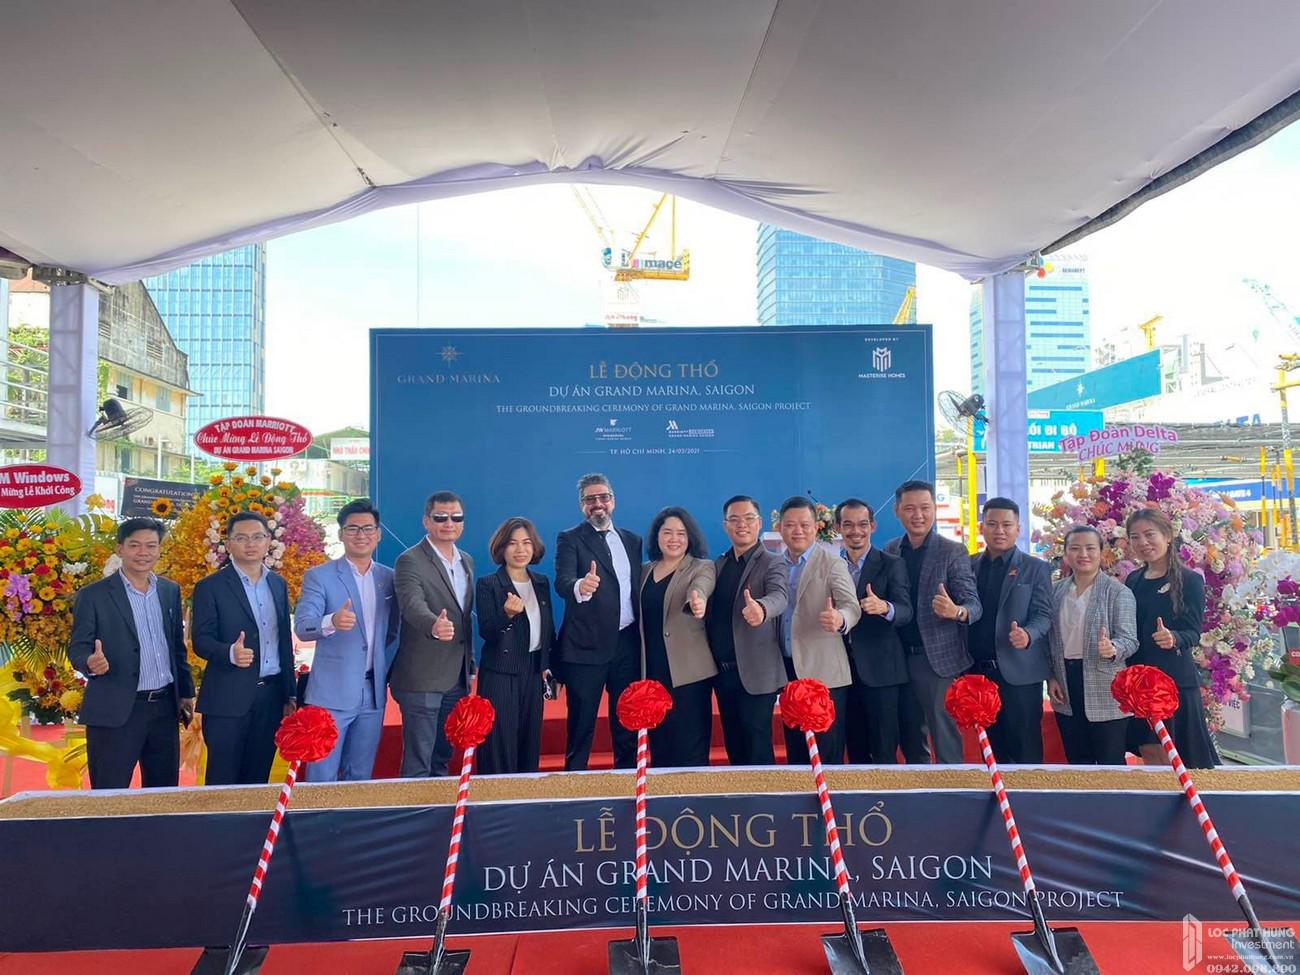 Lễ khởi công Grand Marina Saigon